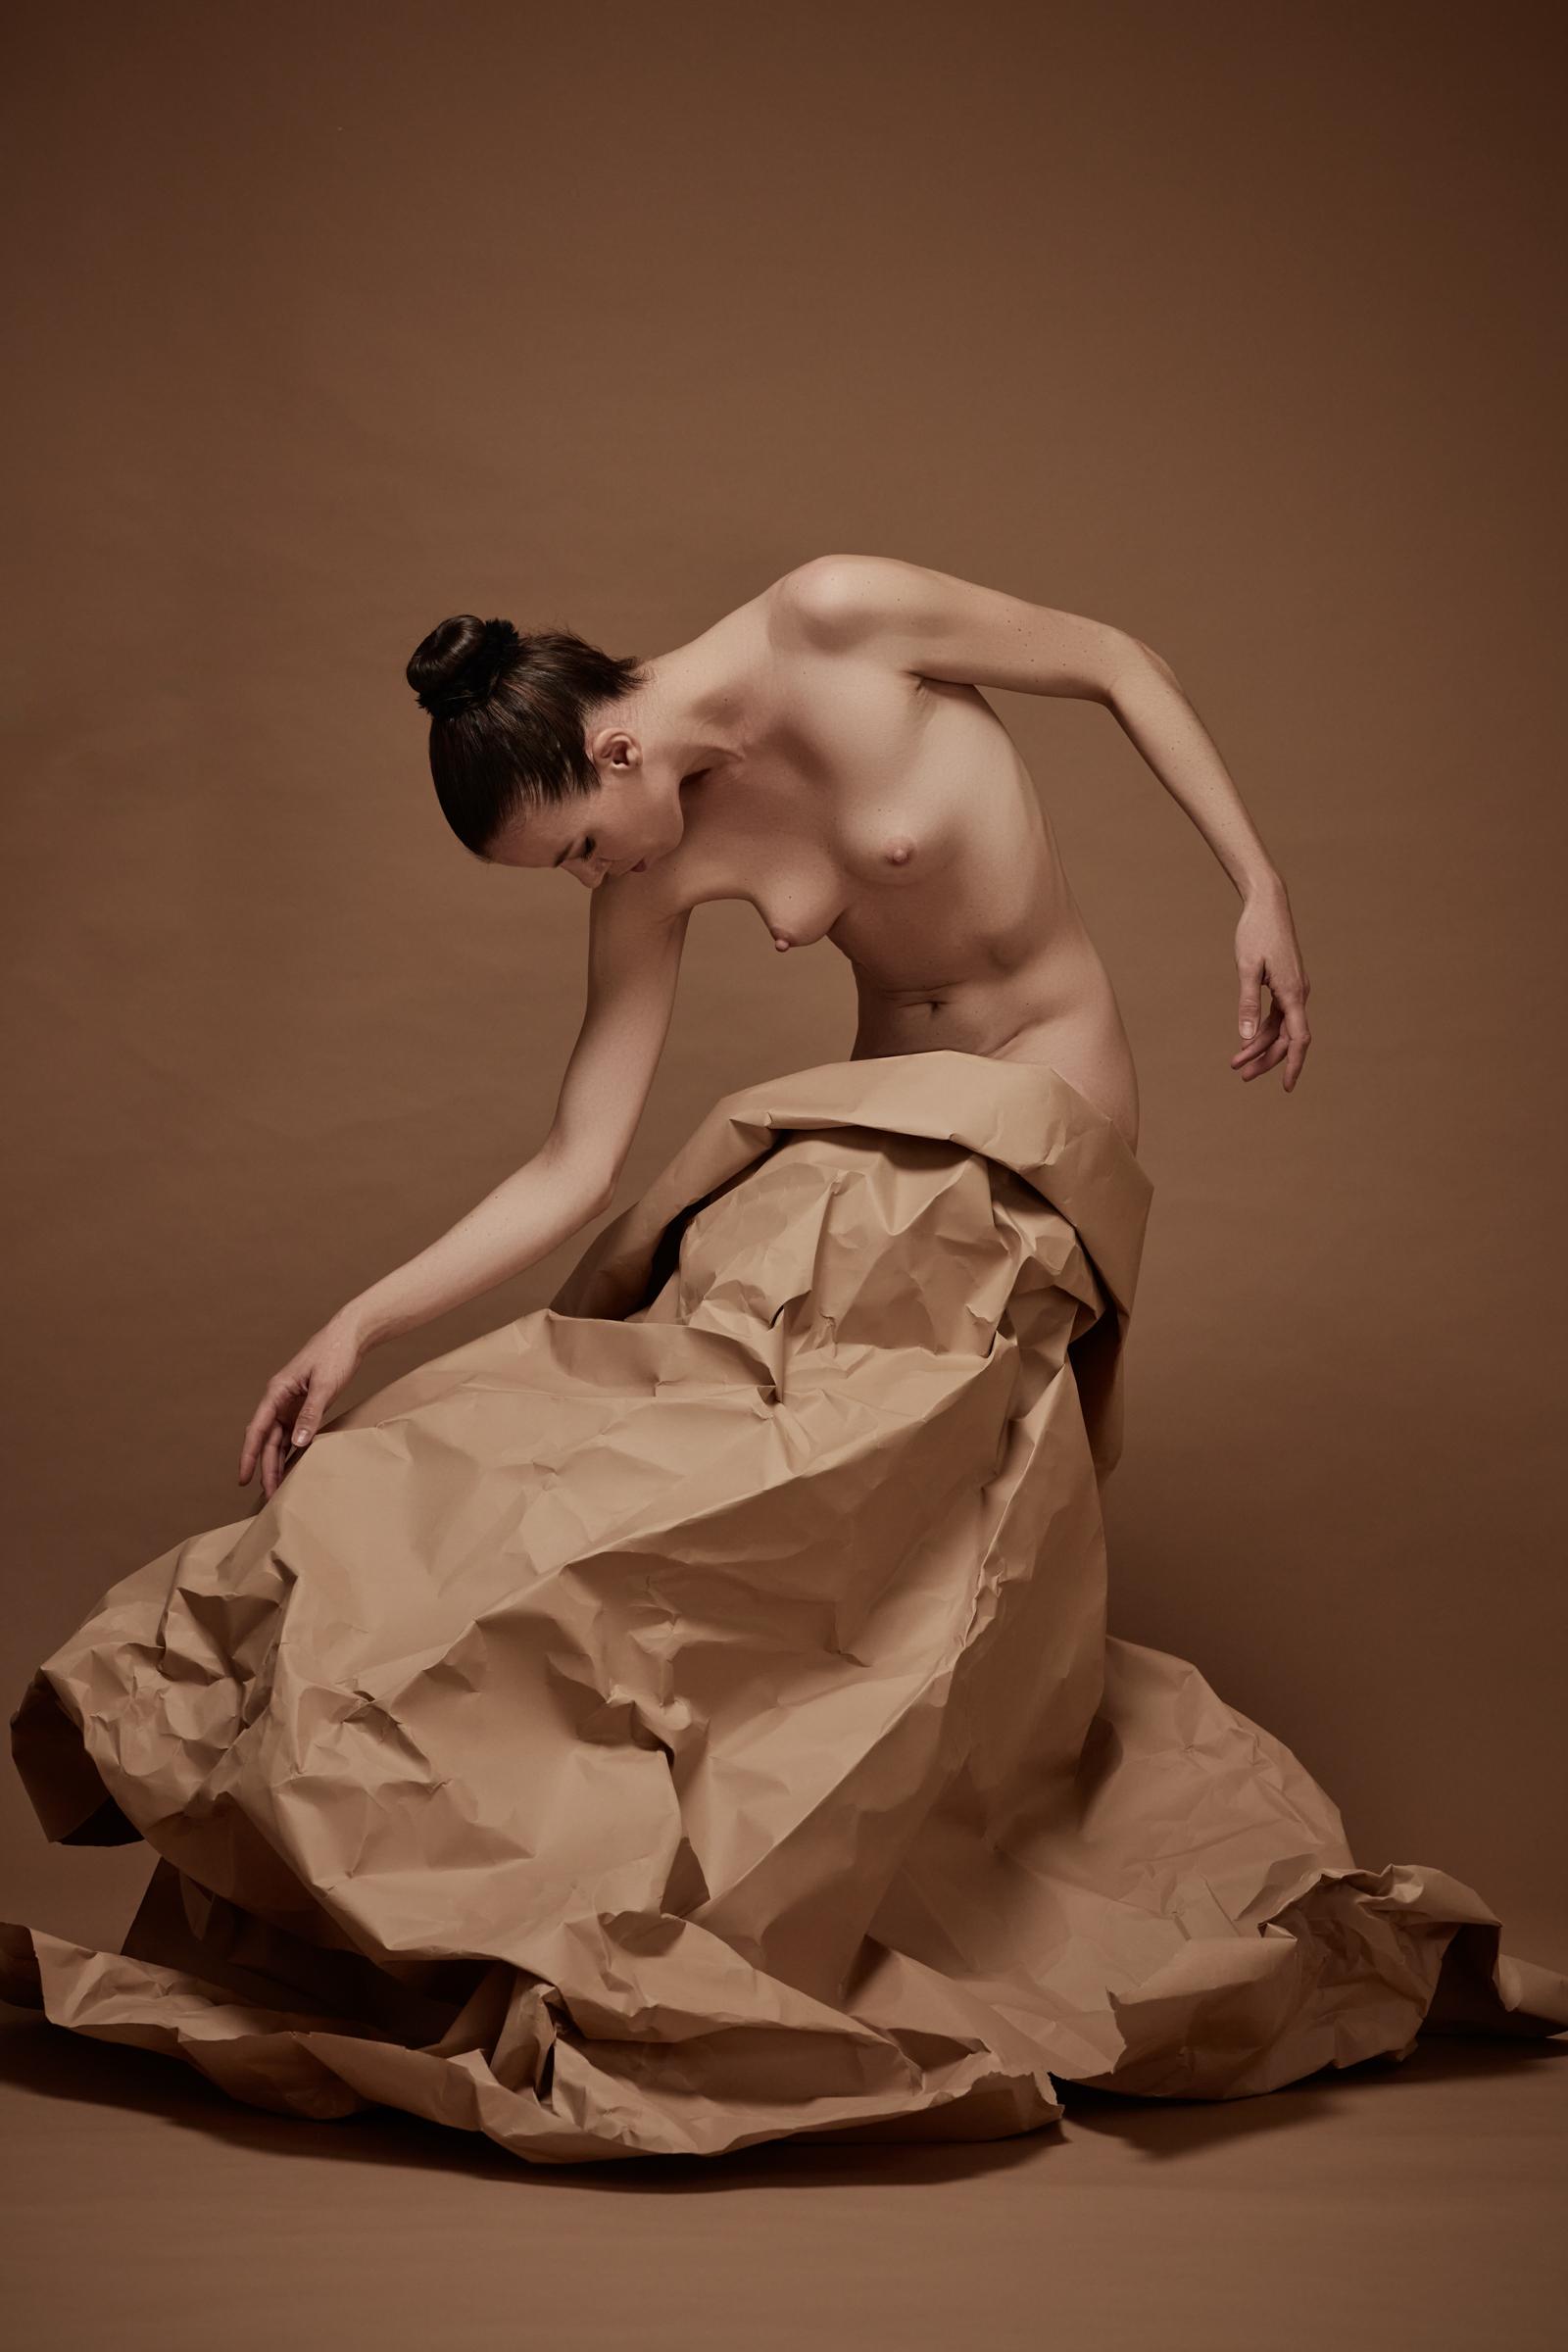 denisa sculptural art nude in studio mainz 01